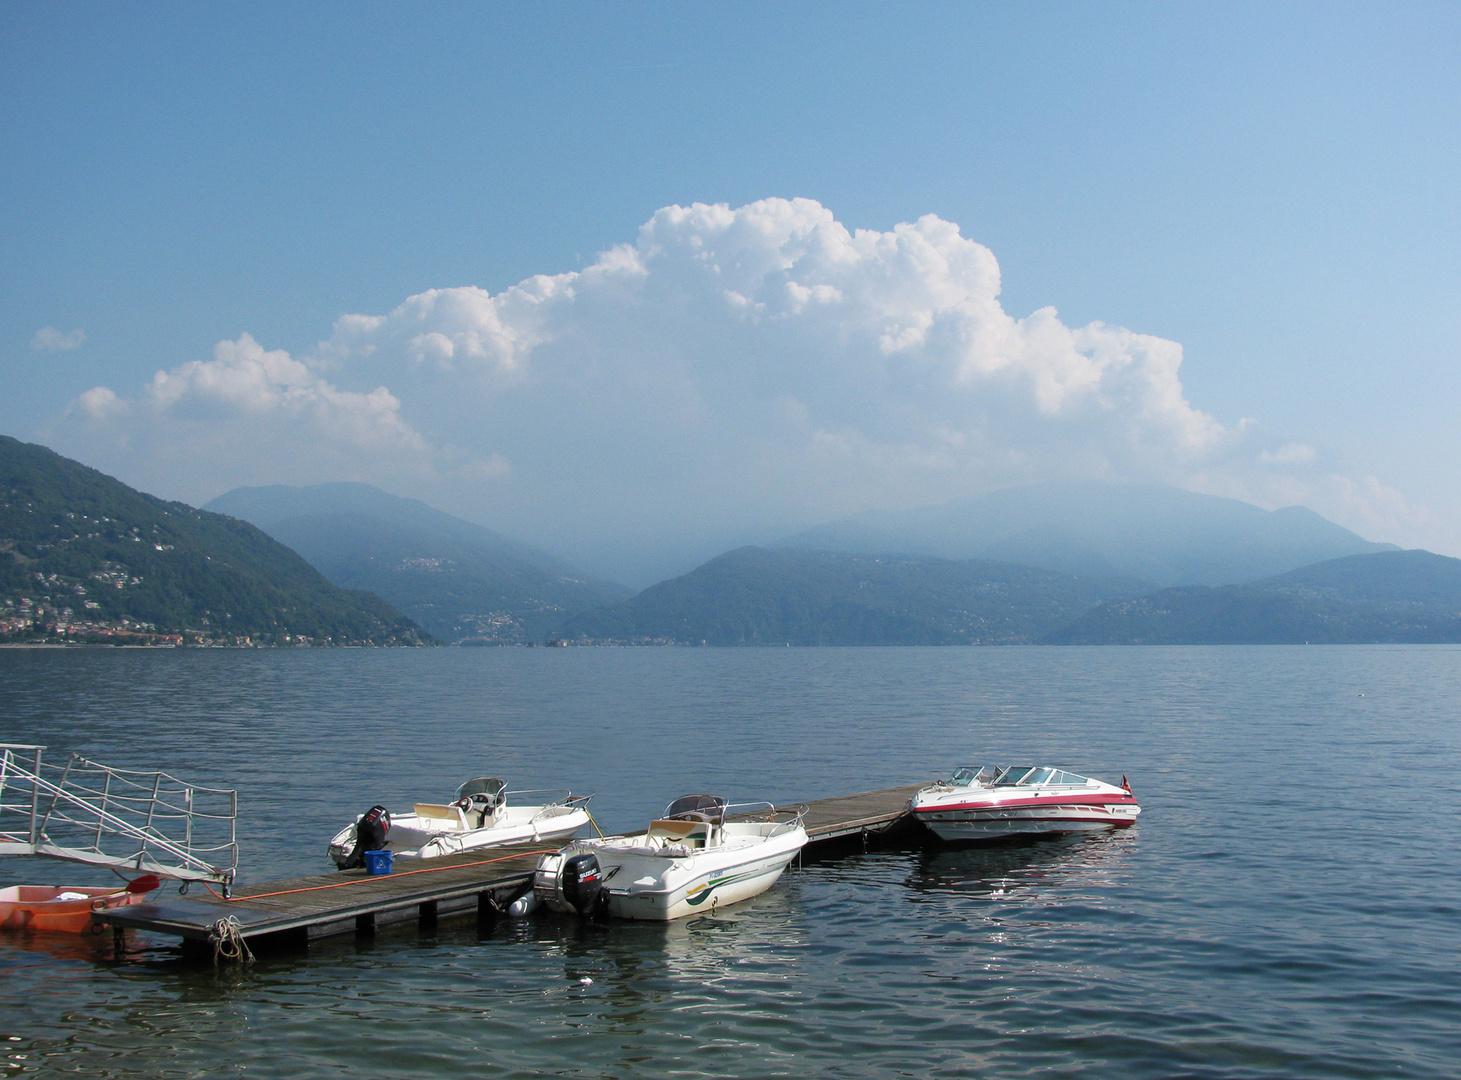 Der Lago bei Oggebbio